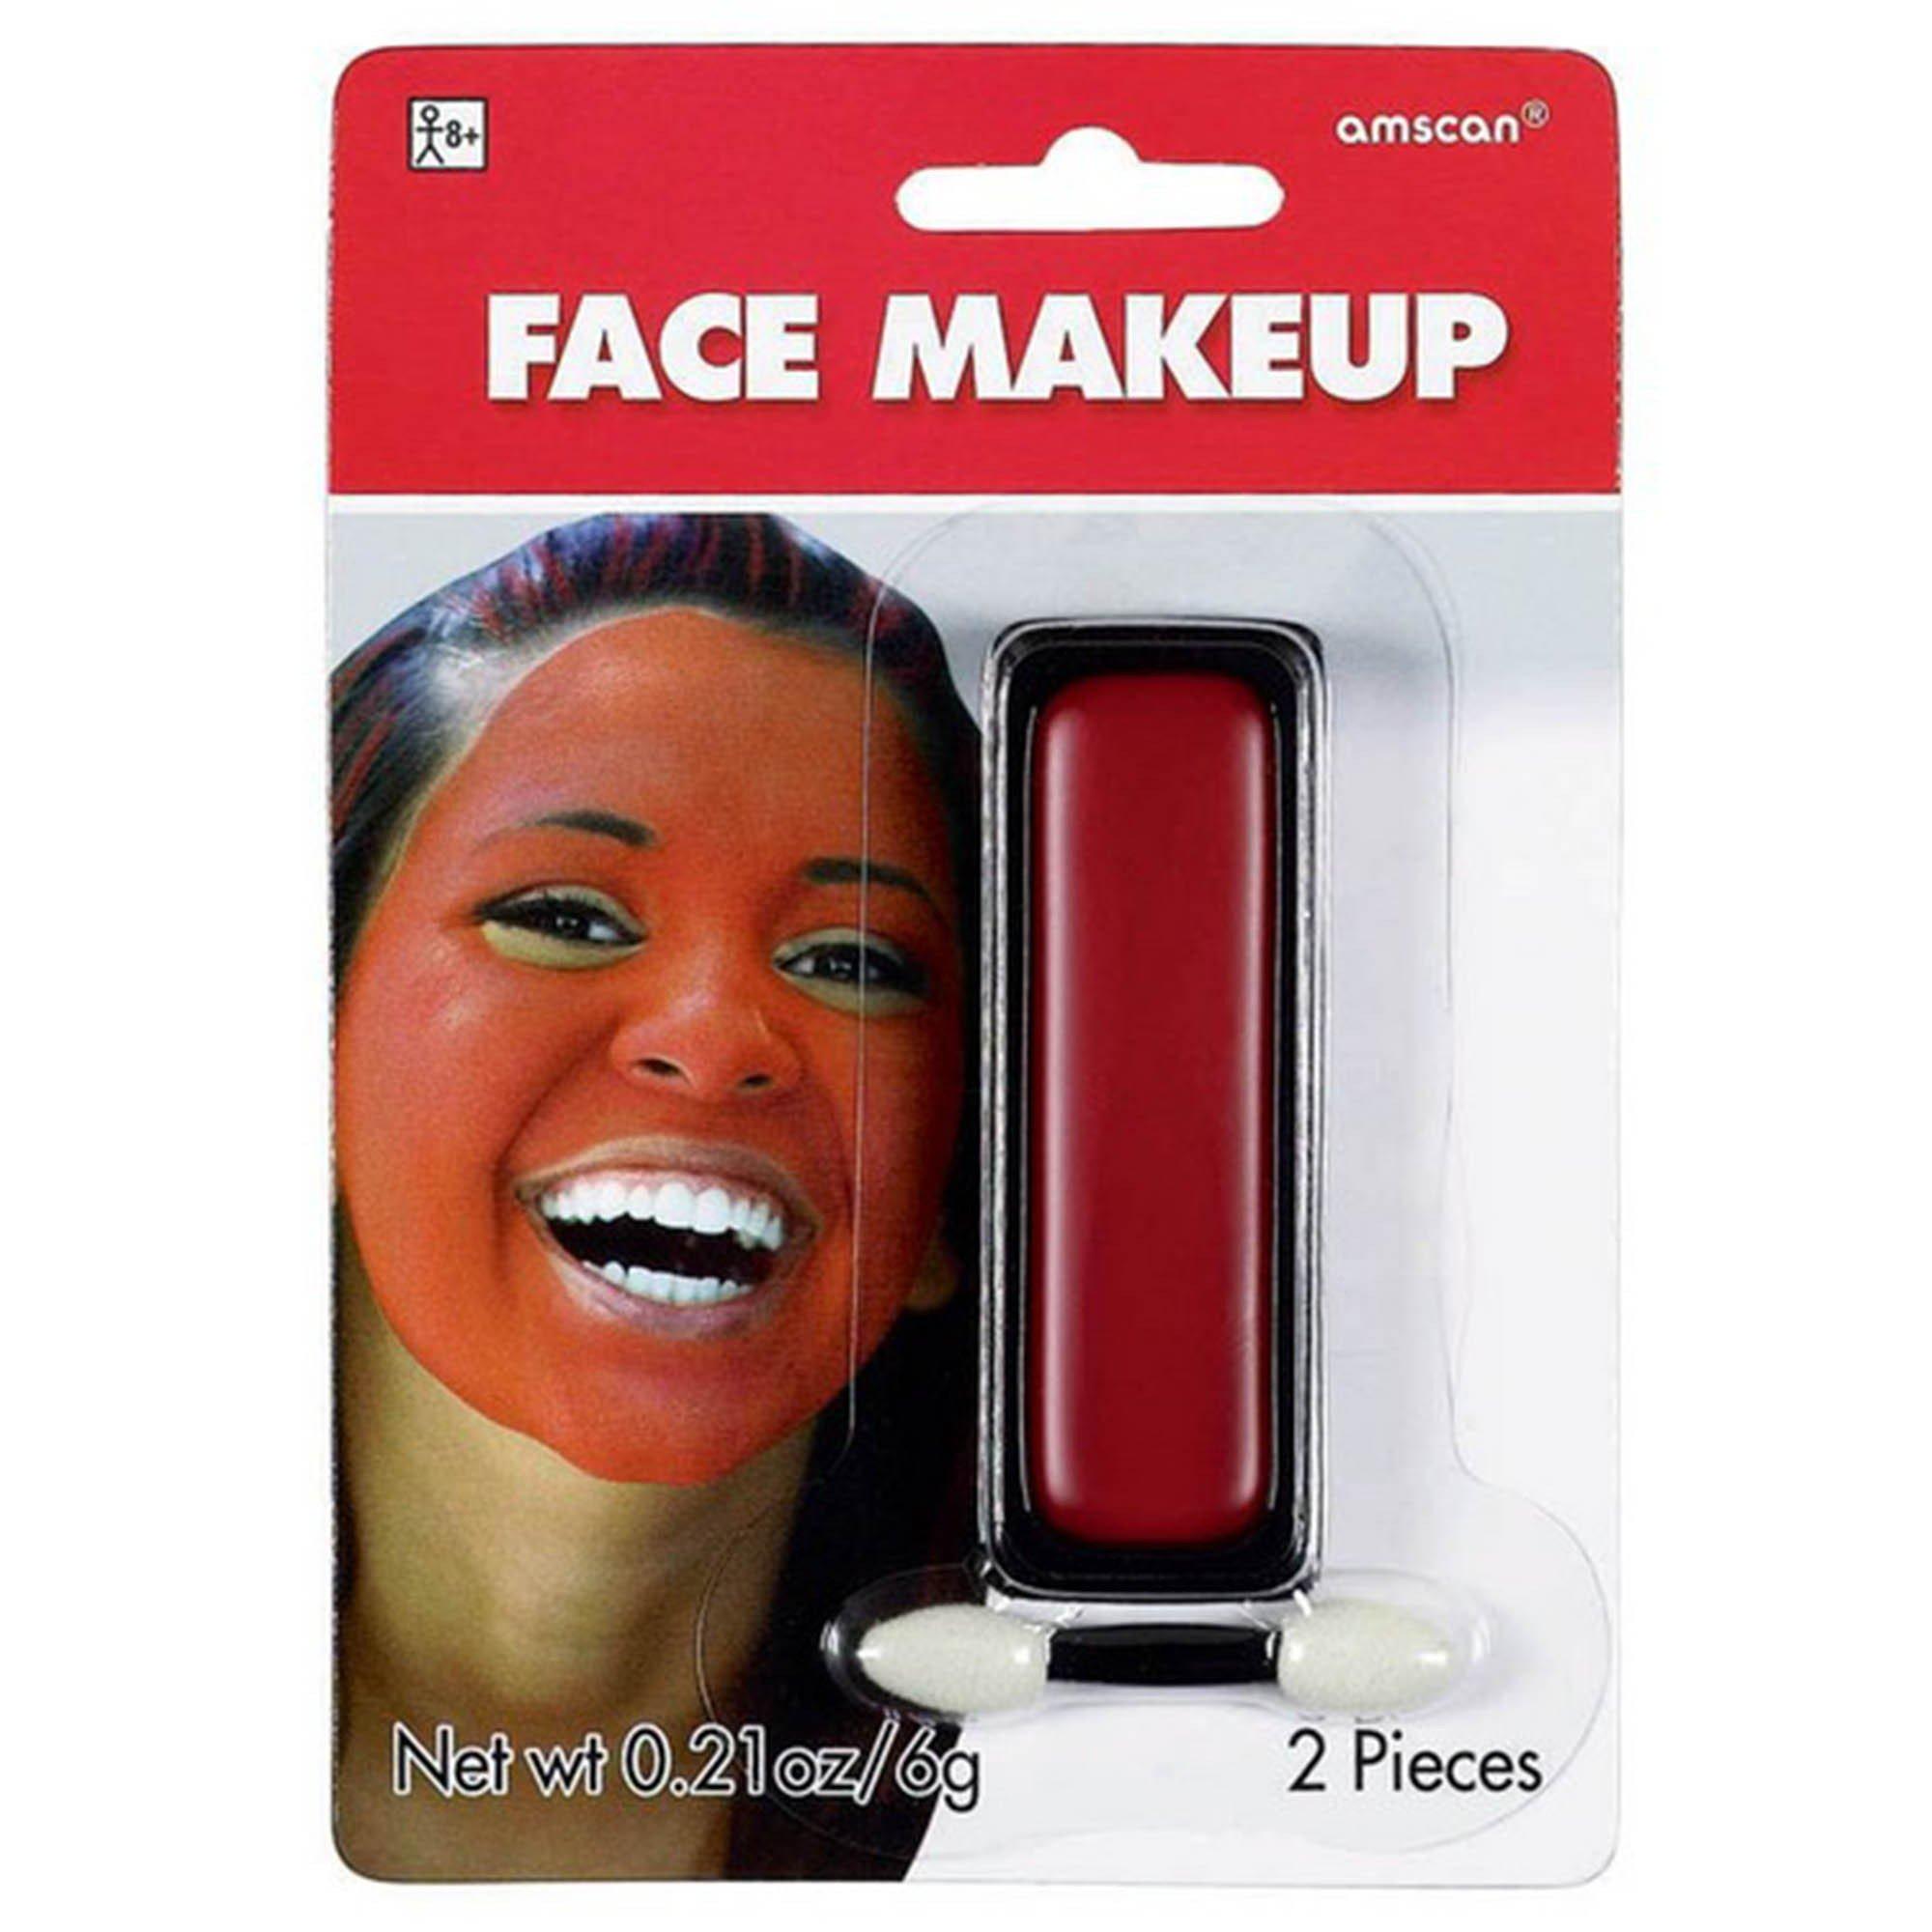 Face Makeup - Red